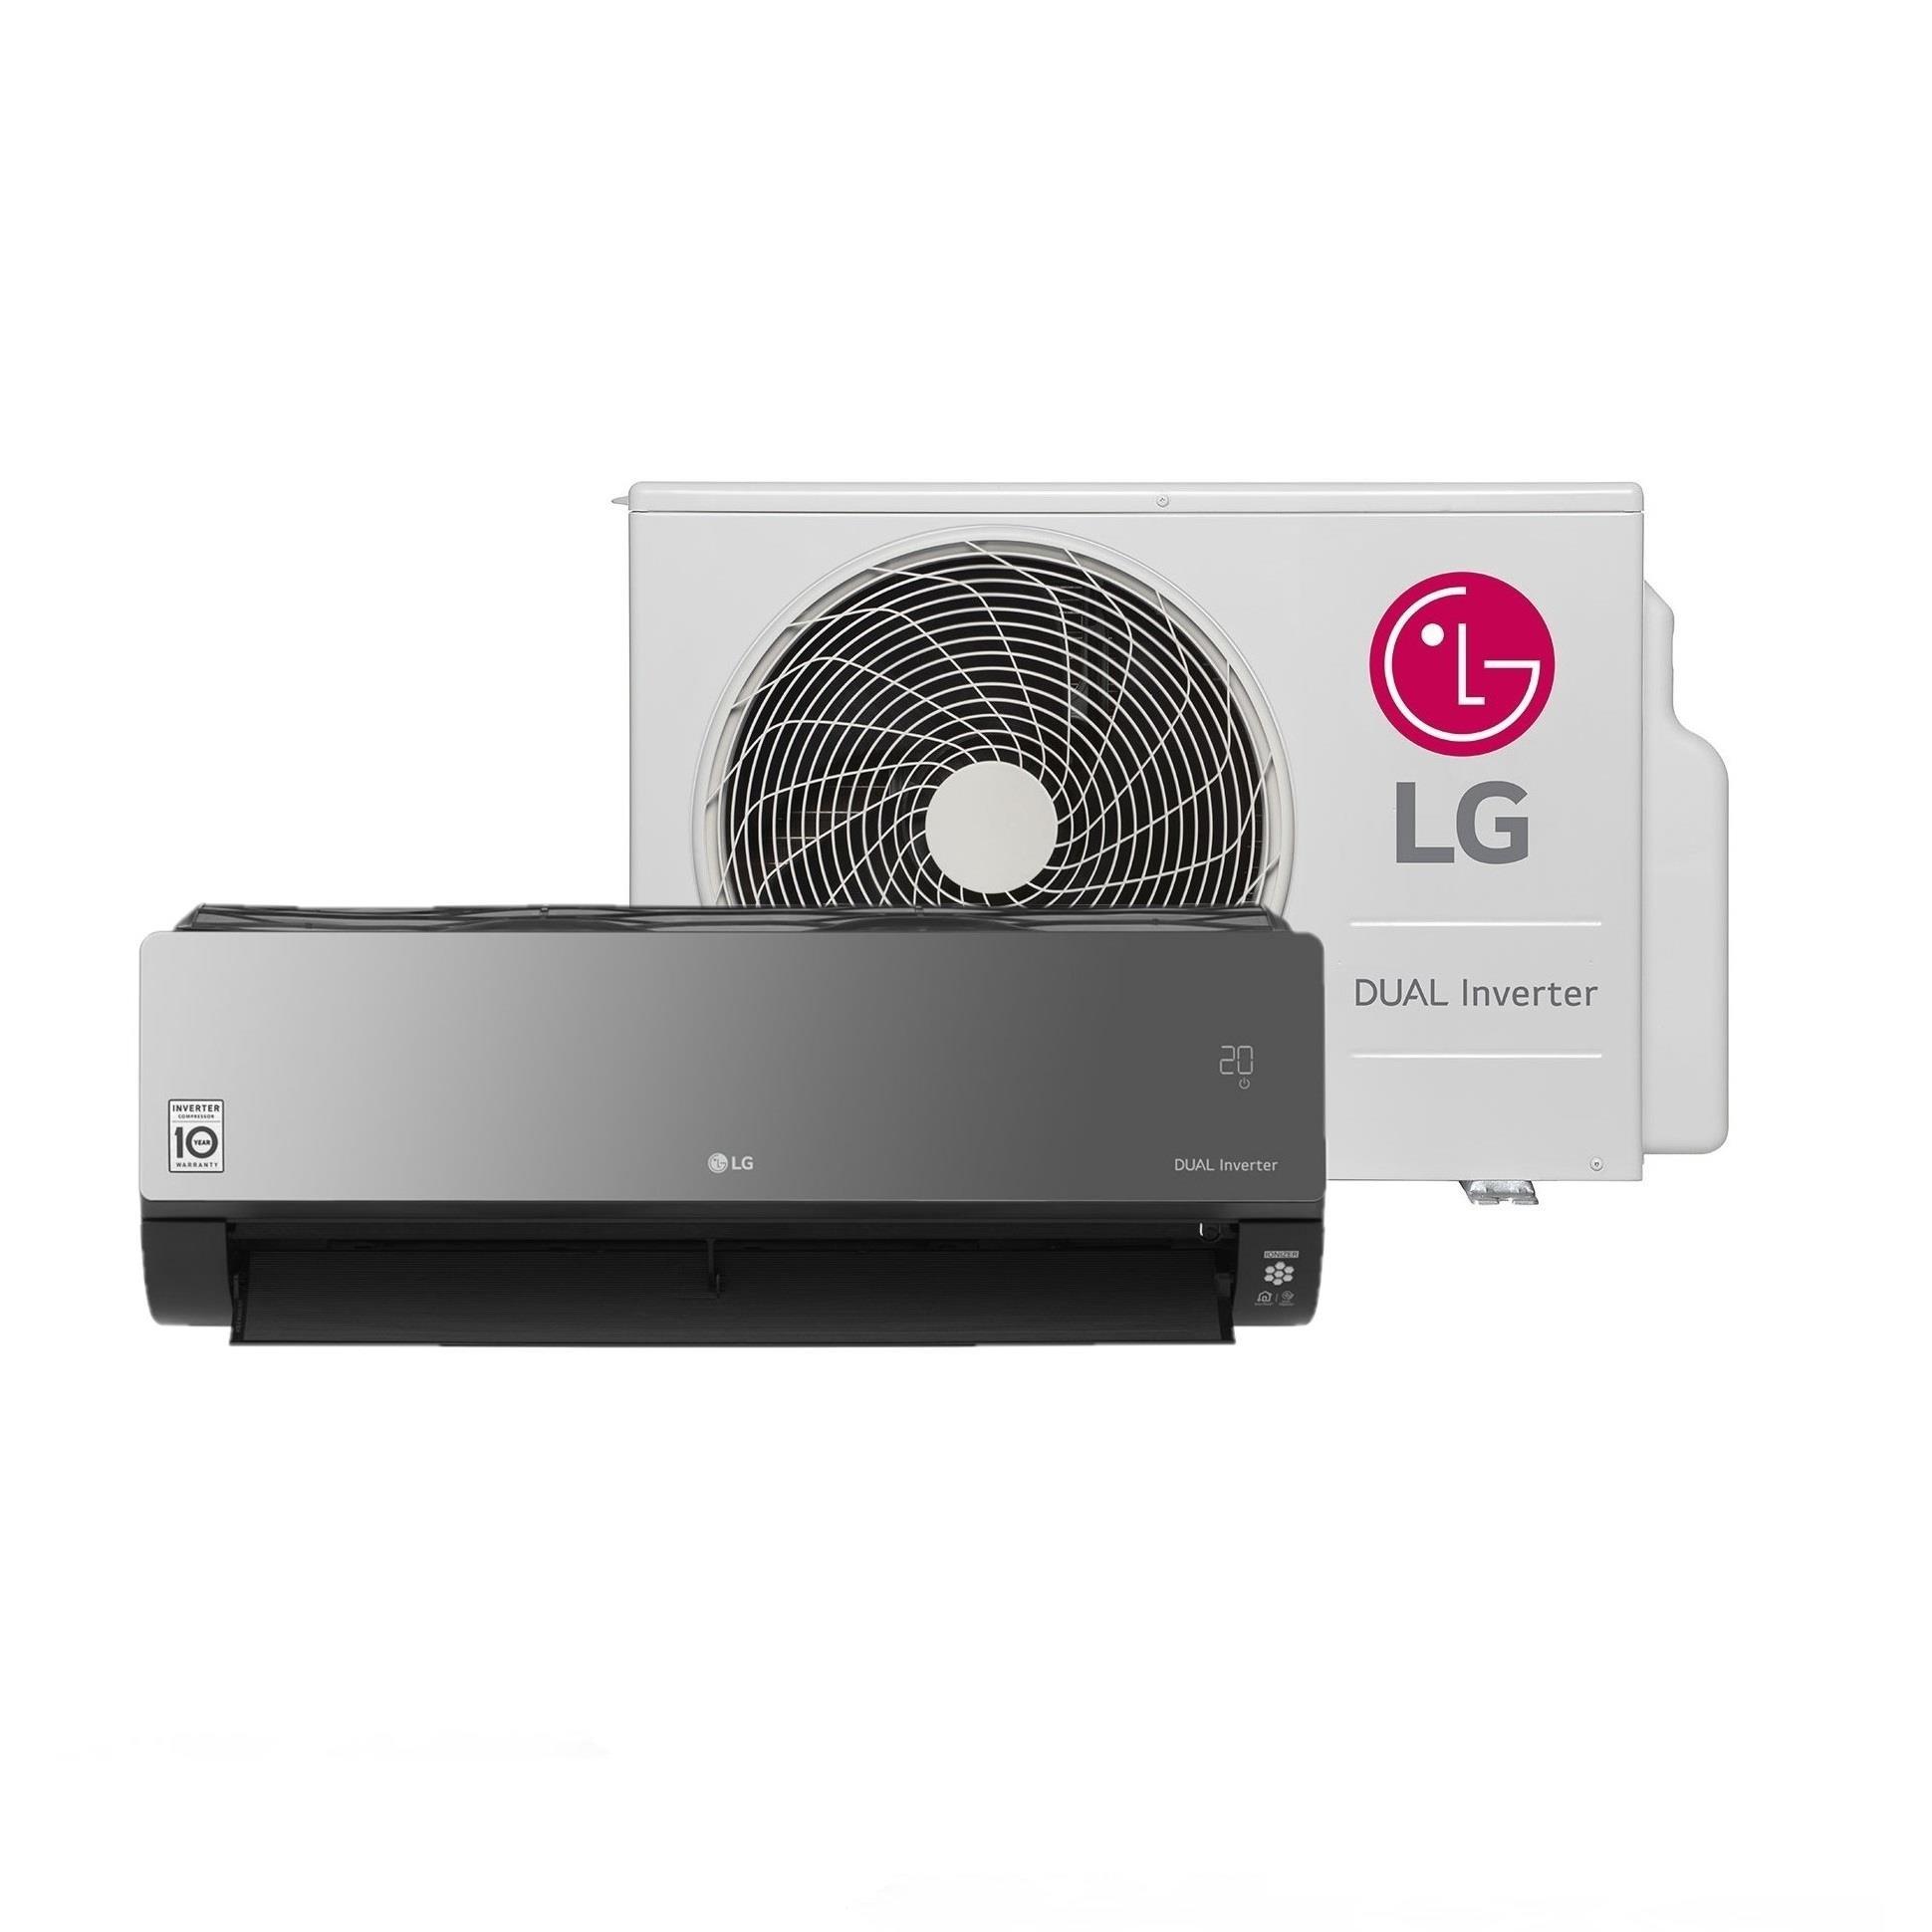 Ar Condicionado Split Inverter LG Artcool 18000 BTUs 220V - Quente e frio S4NW18KLRPAEB2GAMZ